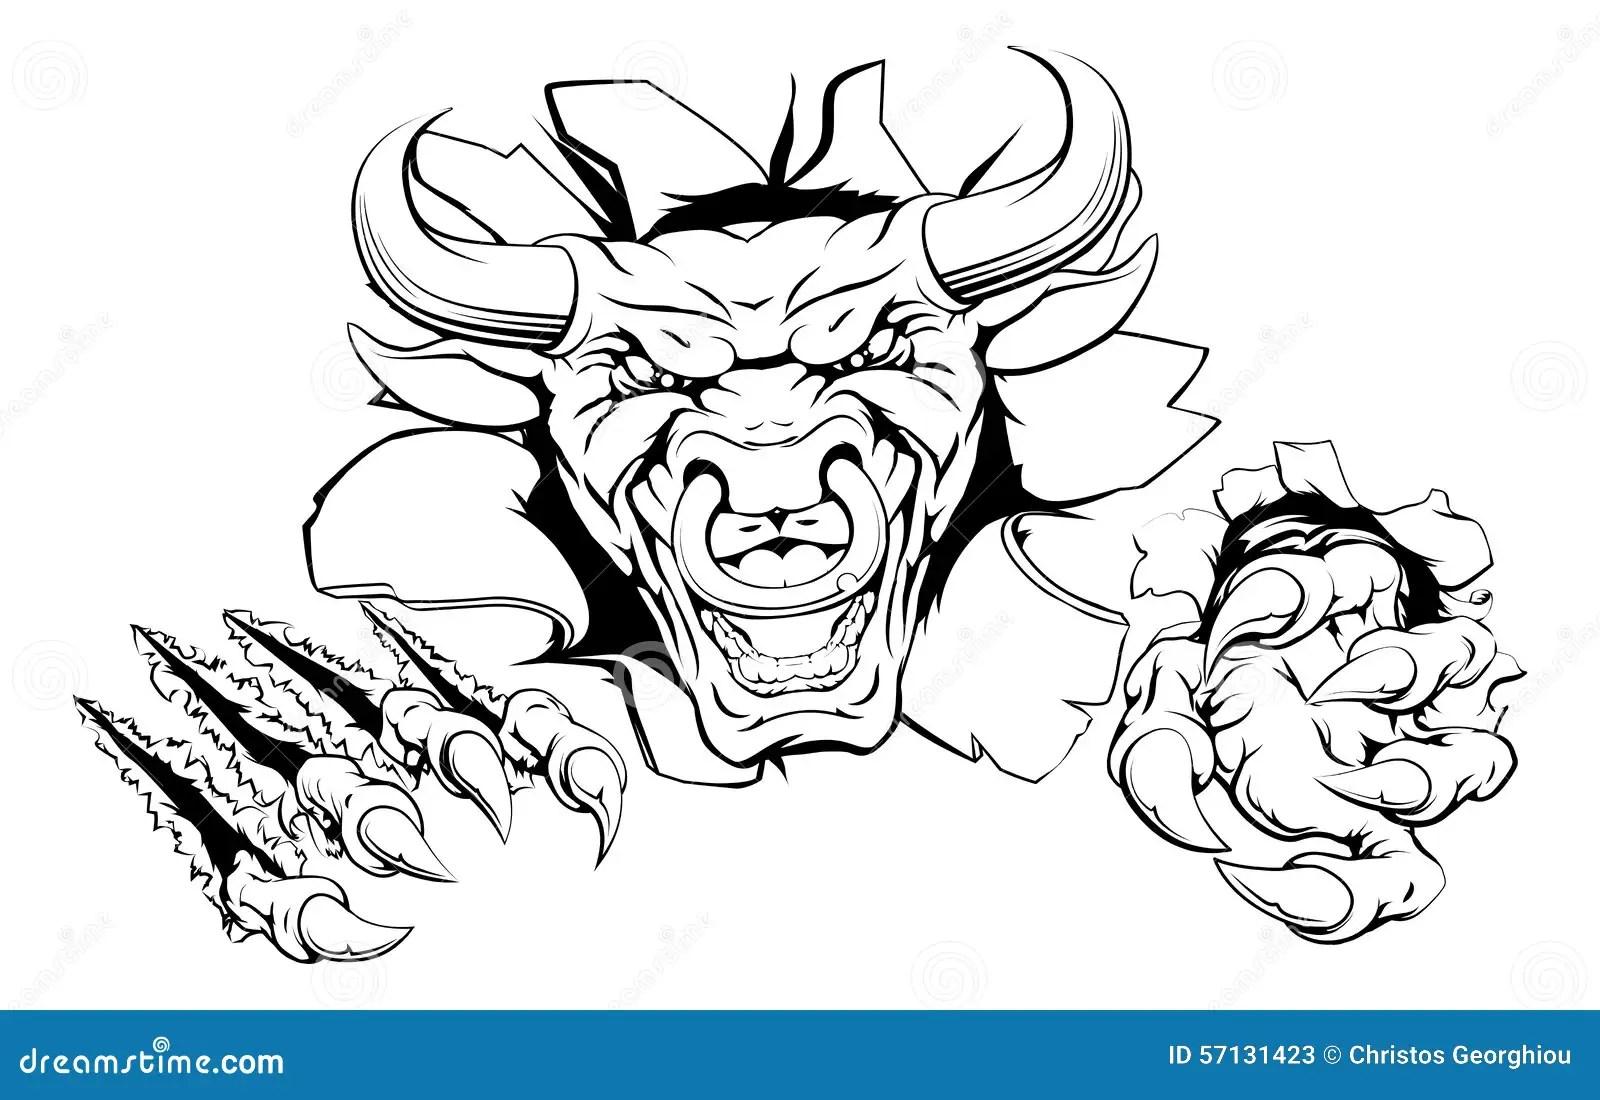 Bull mascot breakthrough stock vector. Illustration of